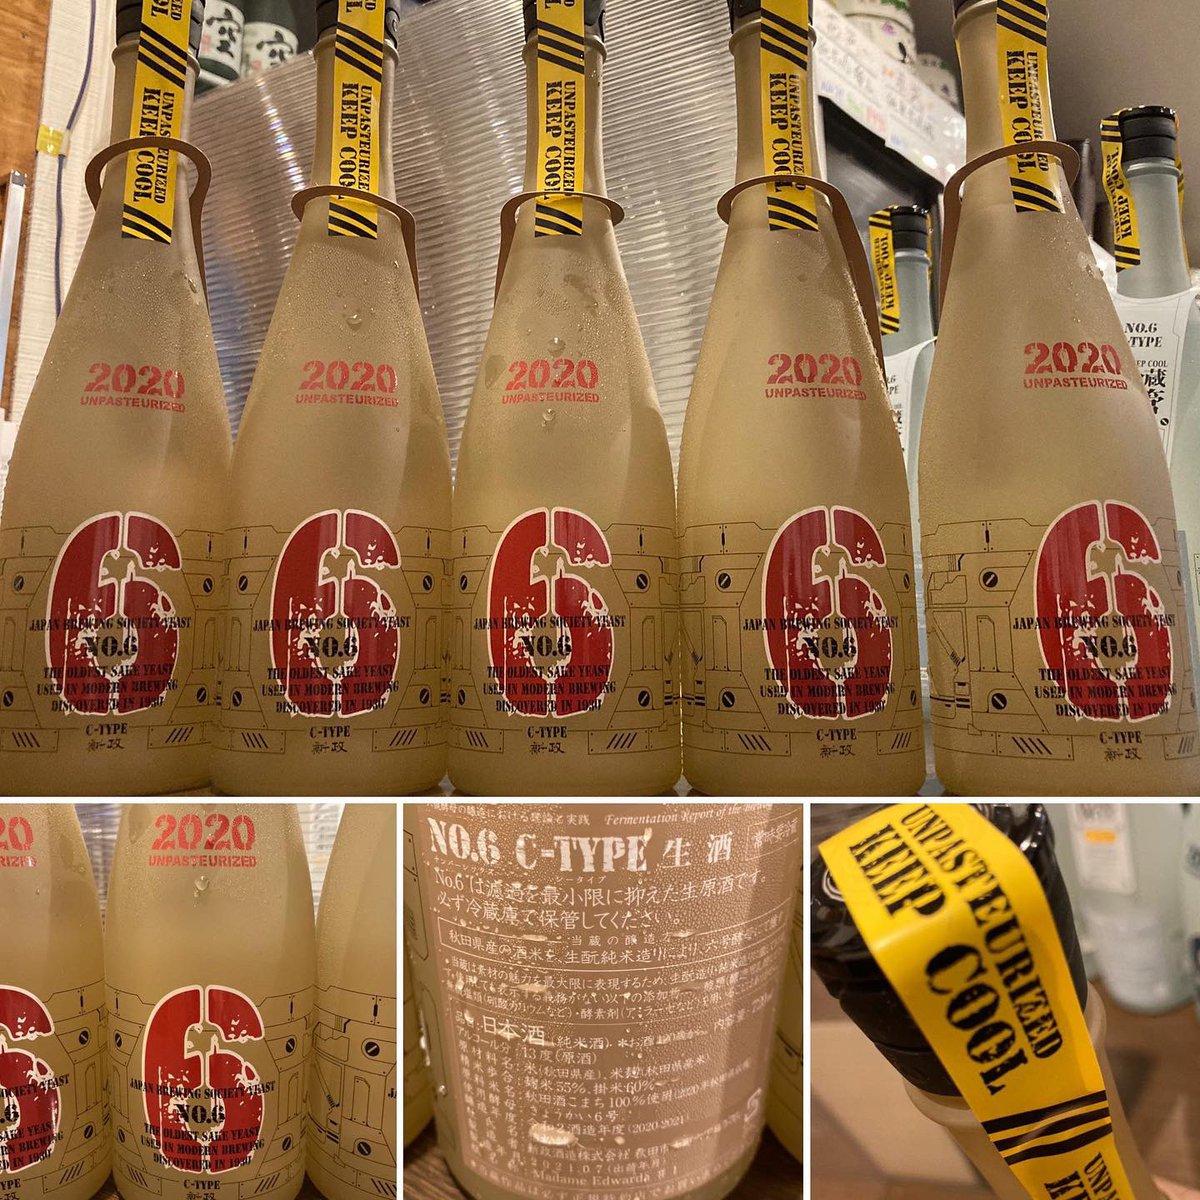 test ツイッターメディア - 秋田県の新政酒造の日本酒  新政のNo.6頒布会第3弾が入荷して来ました。 Cタイプ Kタイプ の2種類です。  まとめて、フェアで飲み比べ致します。 お楽しみに!  ご来店お待ちしています。 https://t.co/p1deLQa9BE